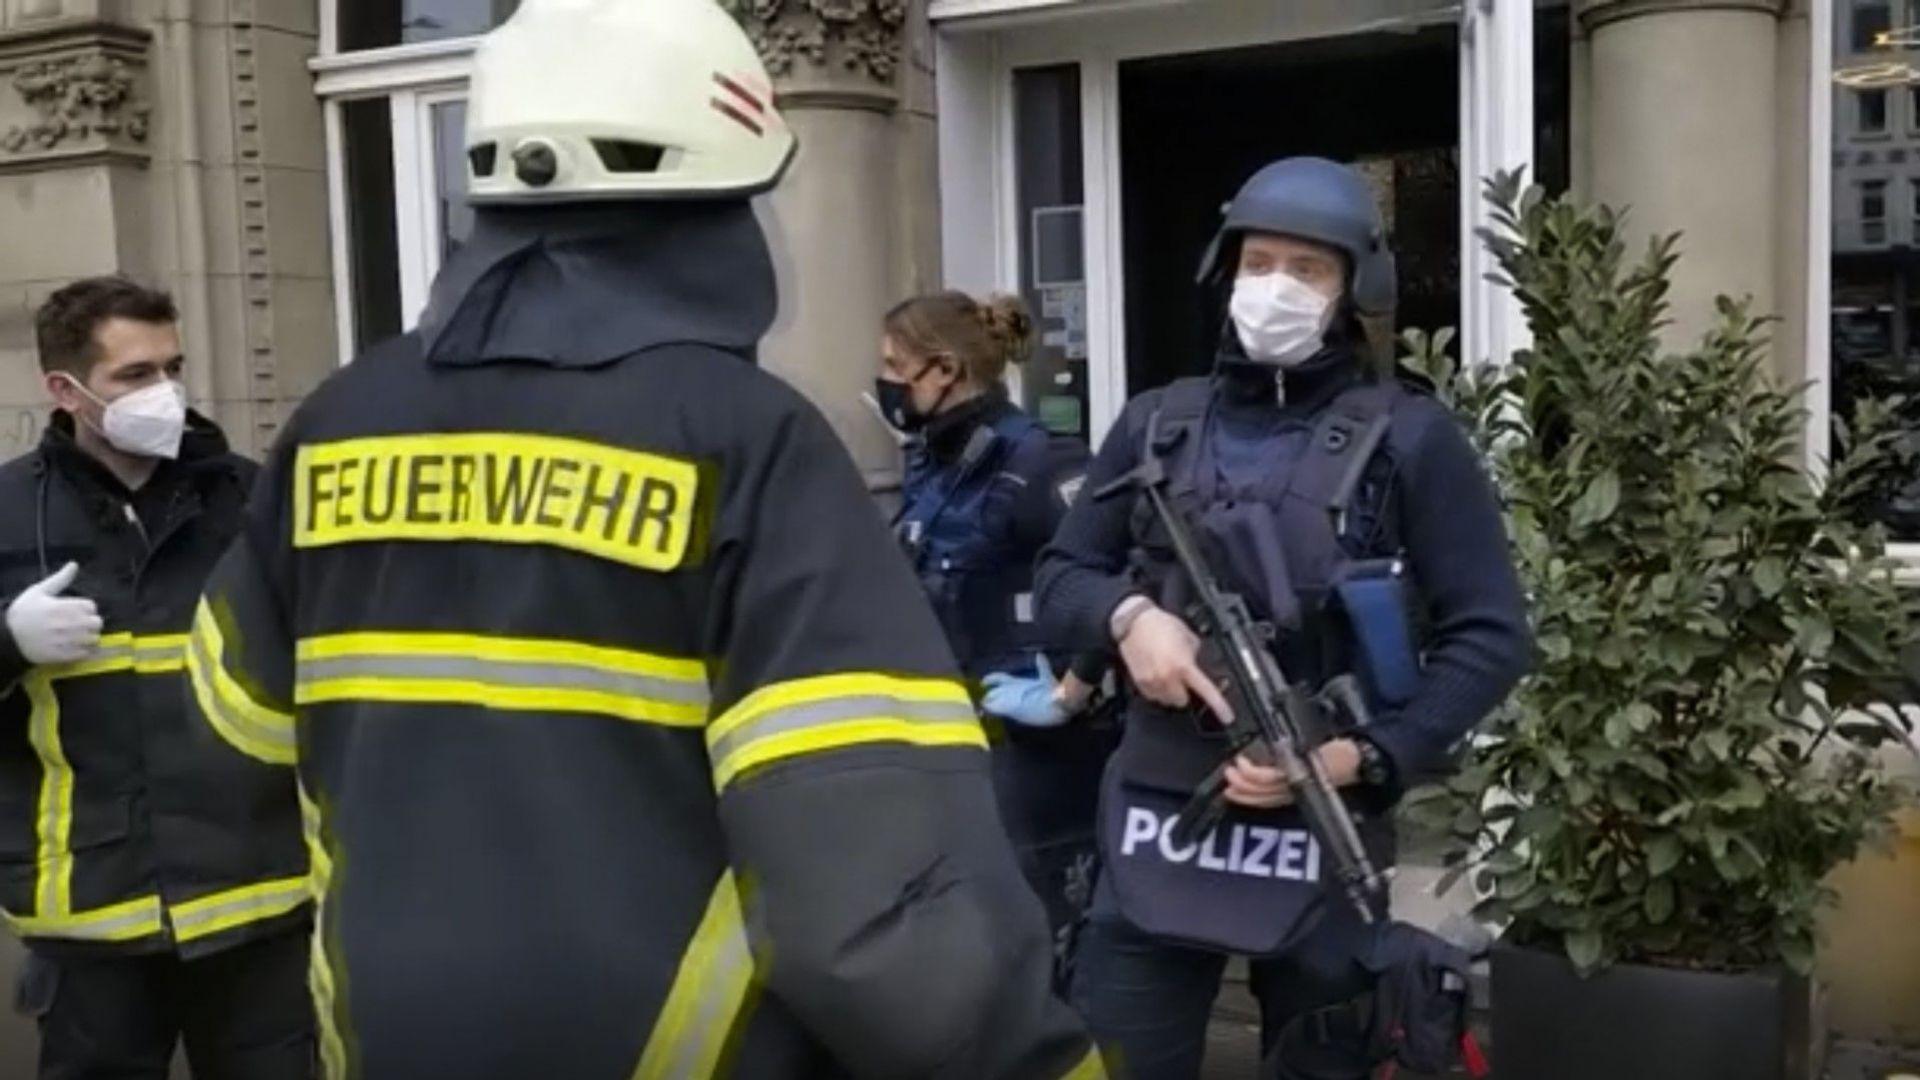 Съд отмени нощния полицейски час в германската провинция Баден-Вюртенберг